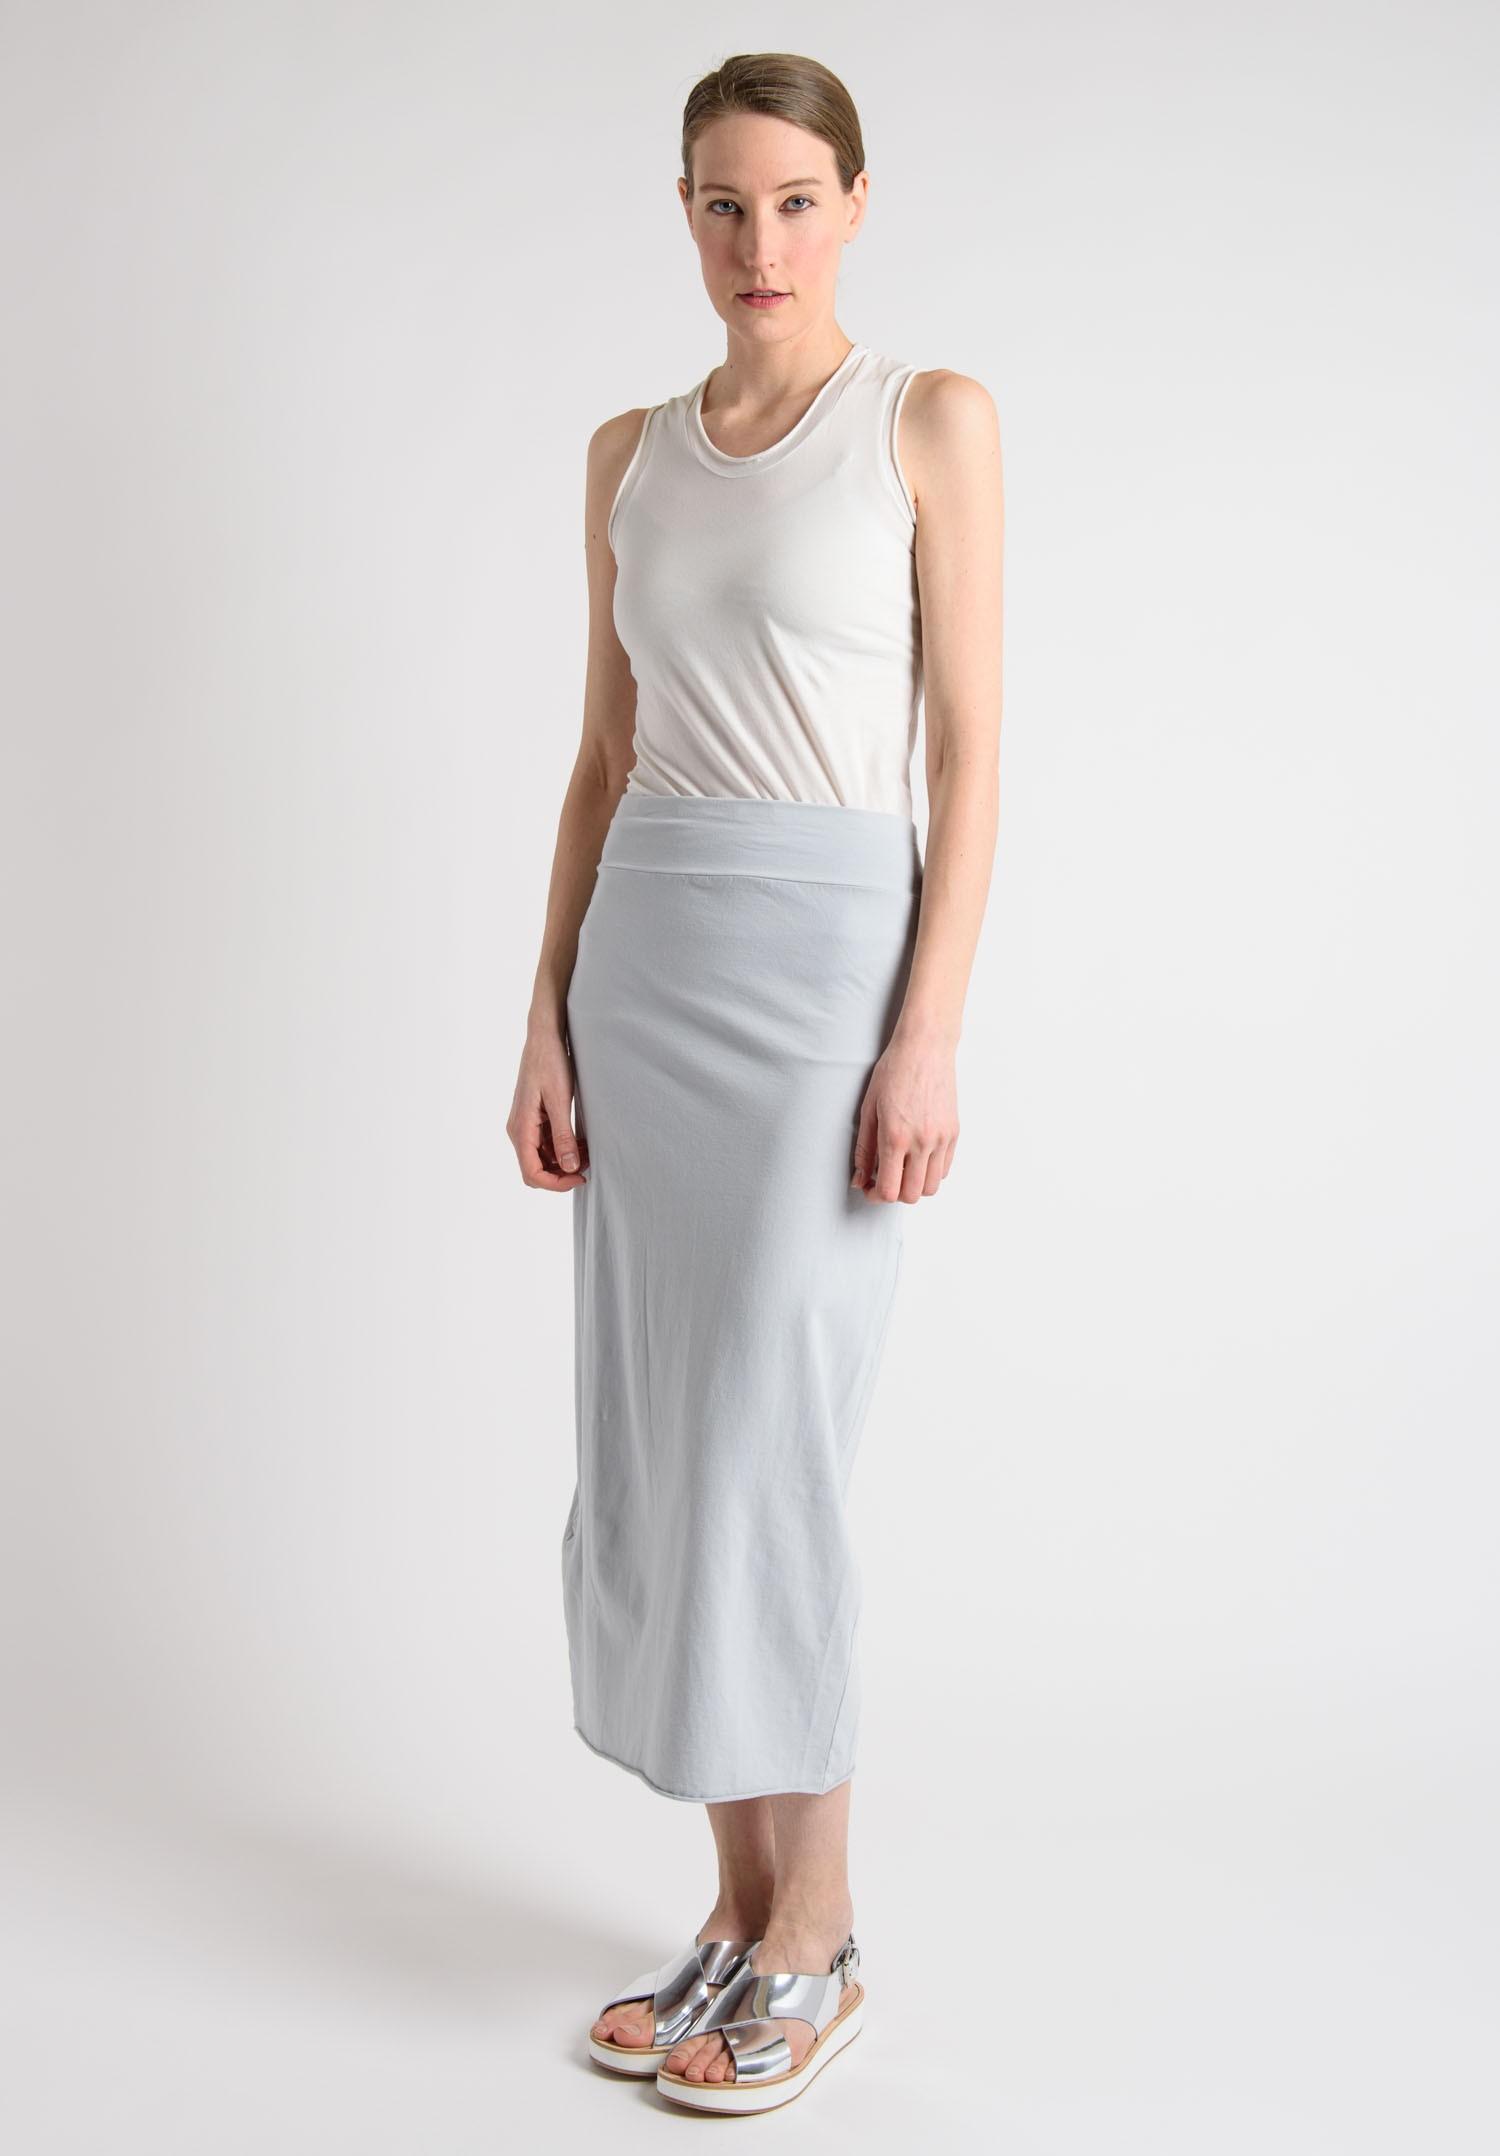 d7d7e74a73 Wide band skirt